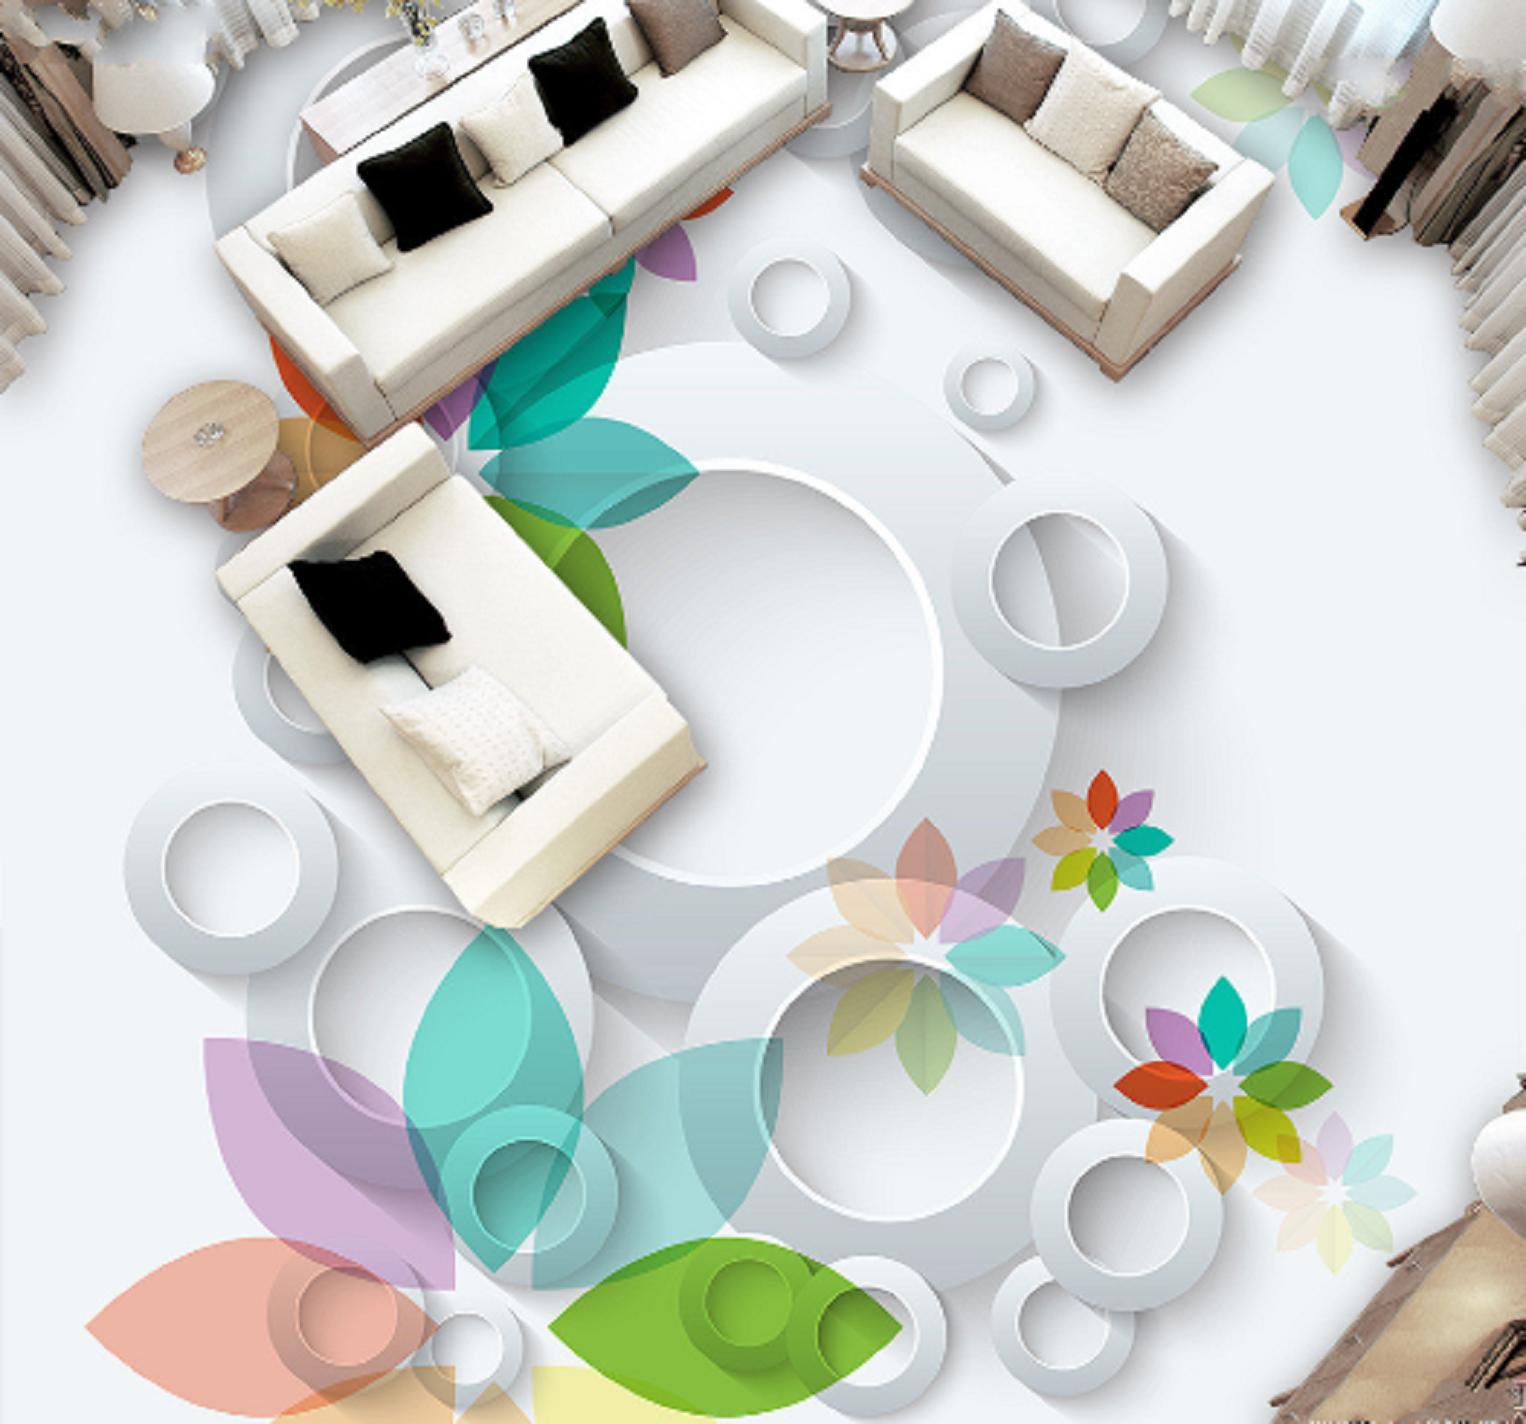 3D ColGoldt Petals 444 Floor WallPaper Murals Wall Print Decal AJ WALLPAPER US